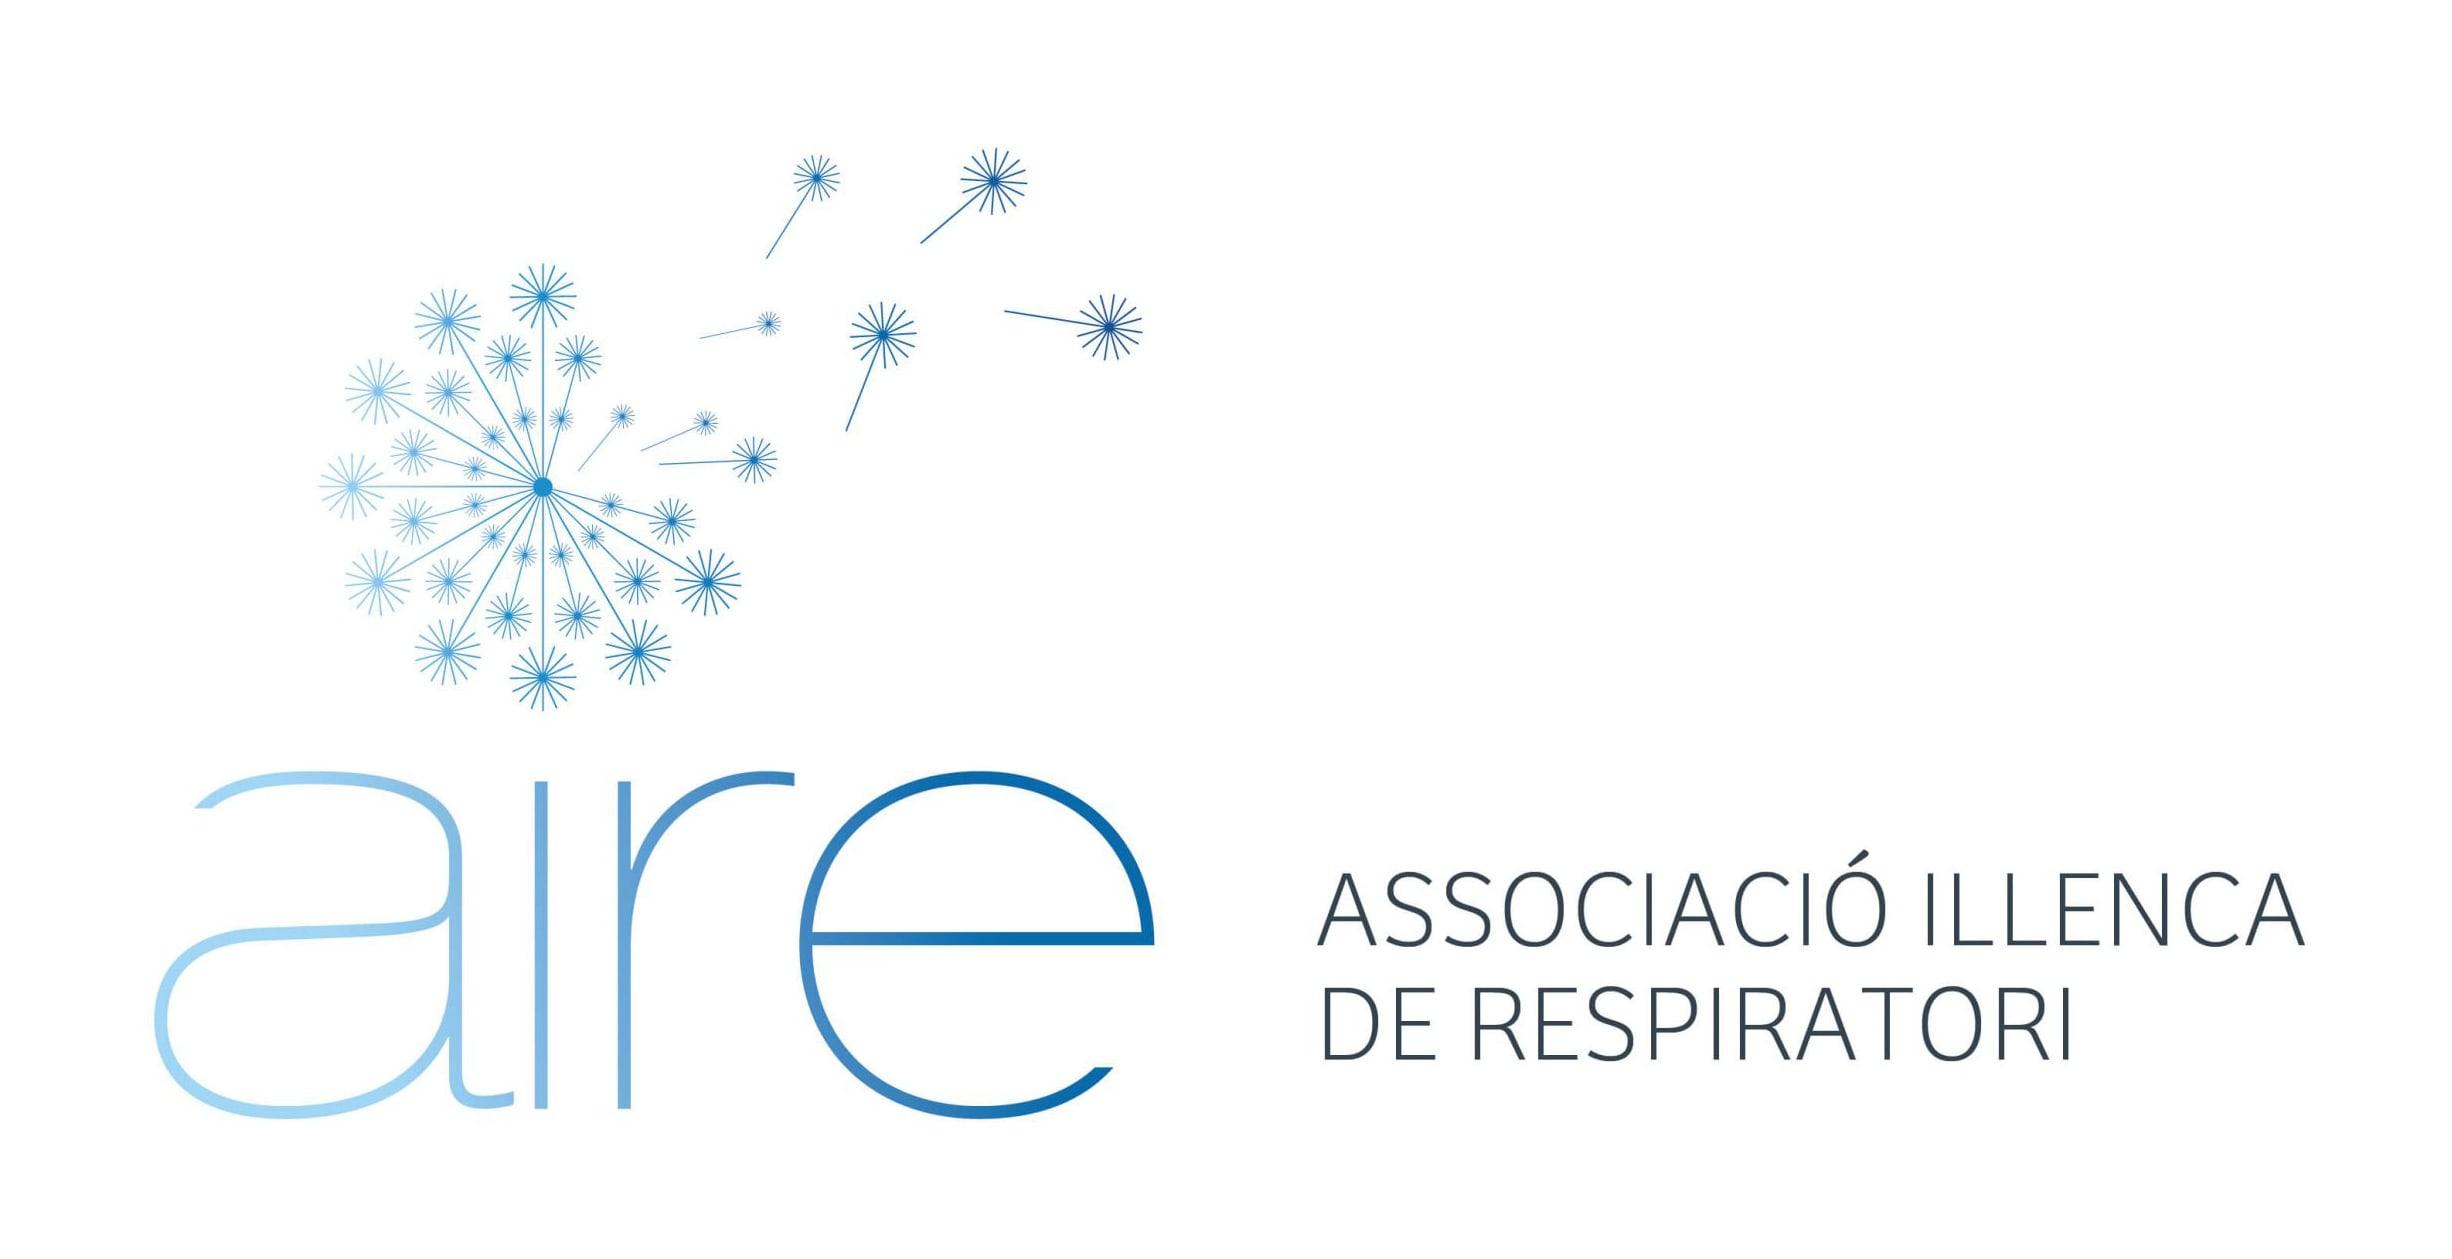 Aire Balears - Associacio Illenca de Respiratori - marca